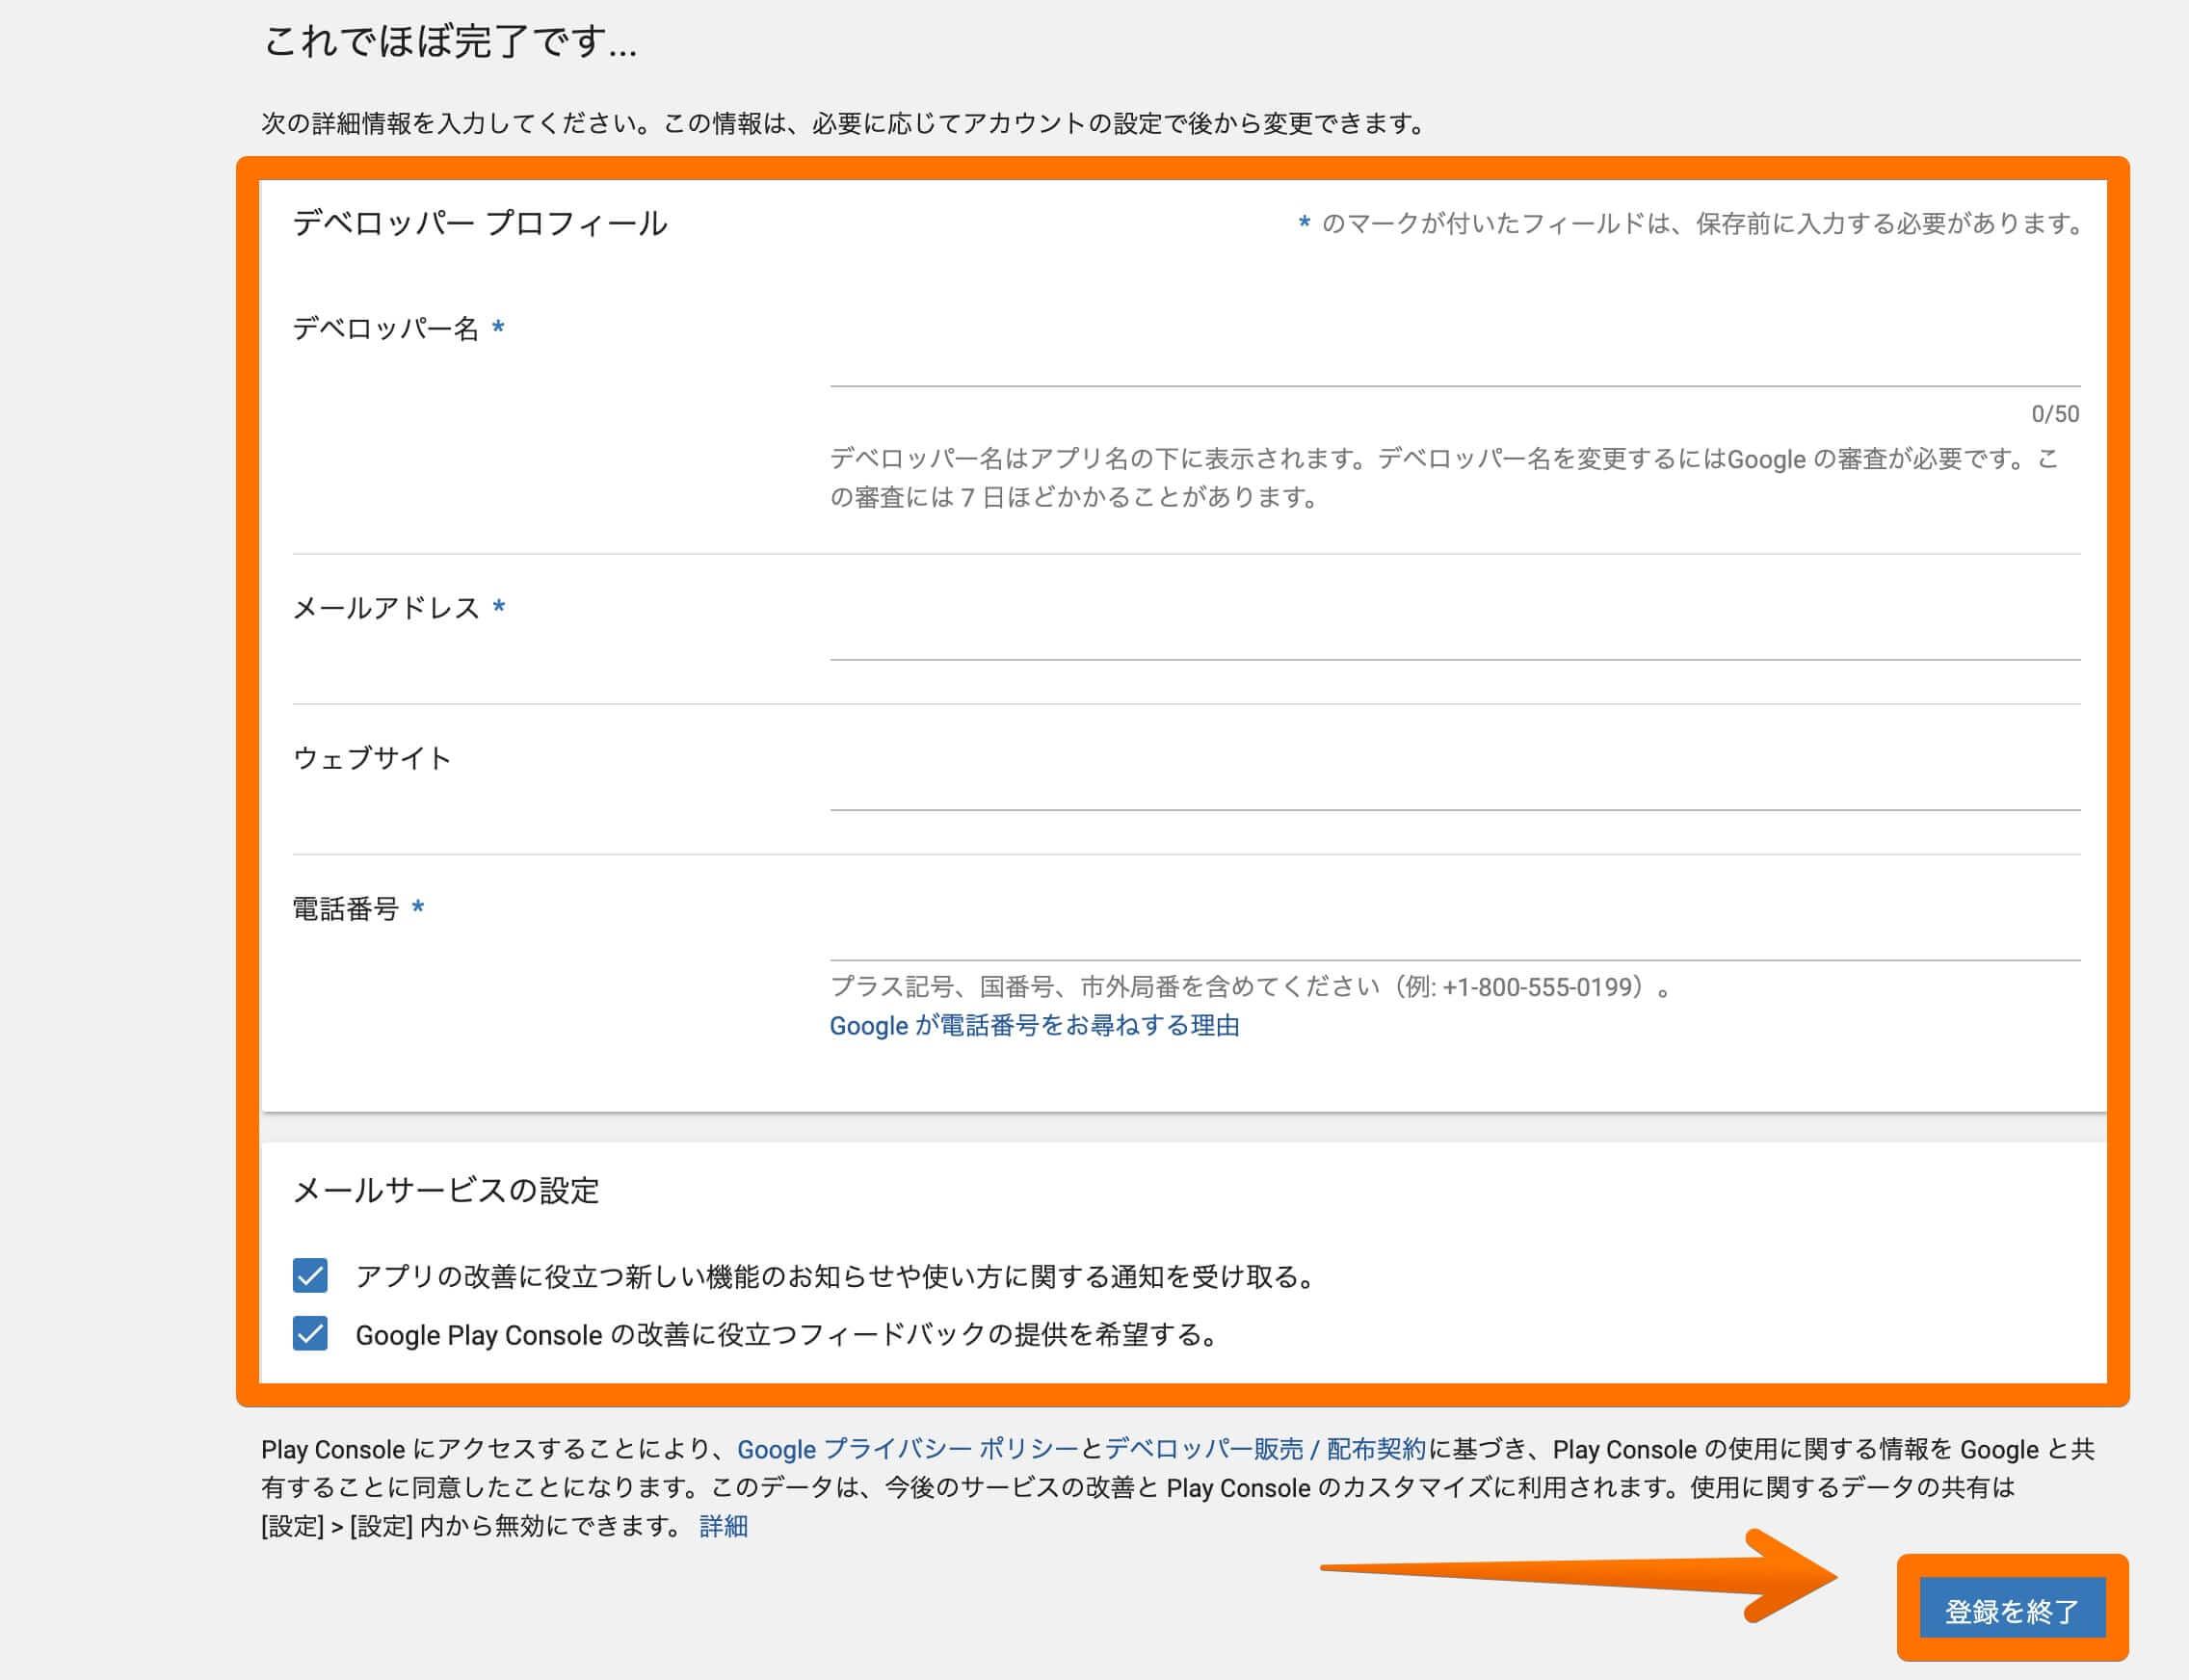 アカウントの詳細を入力してGoogle Play Consoleに登録する